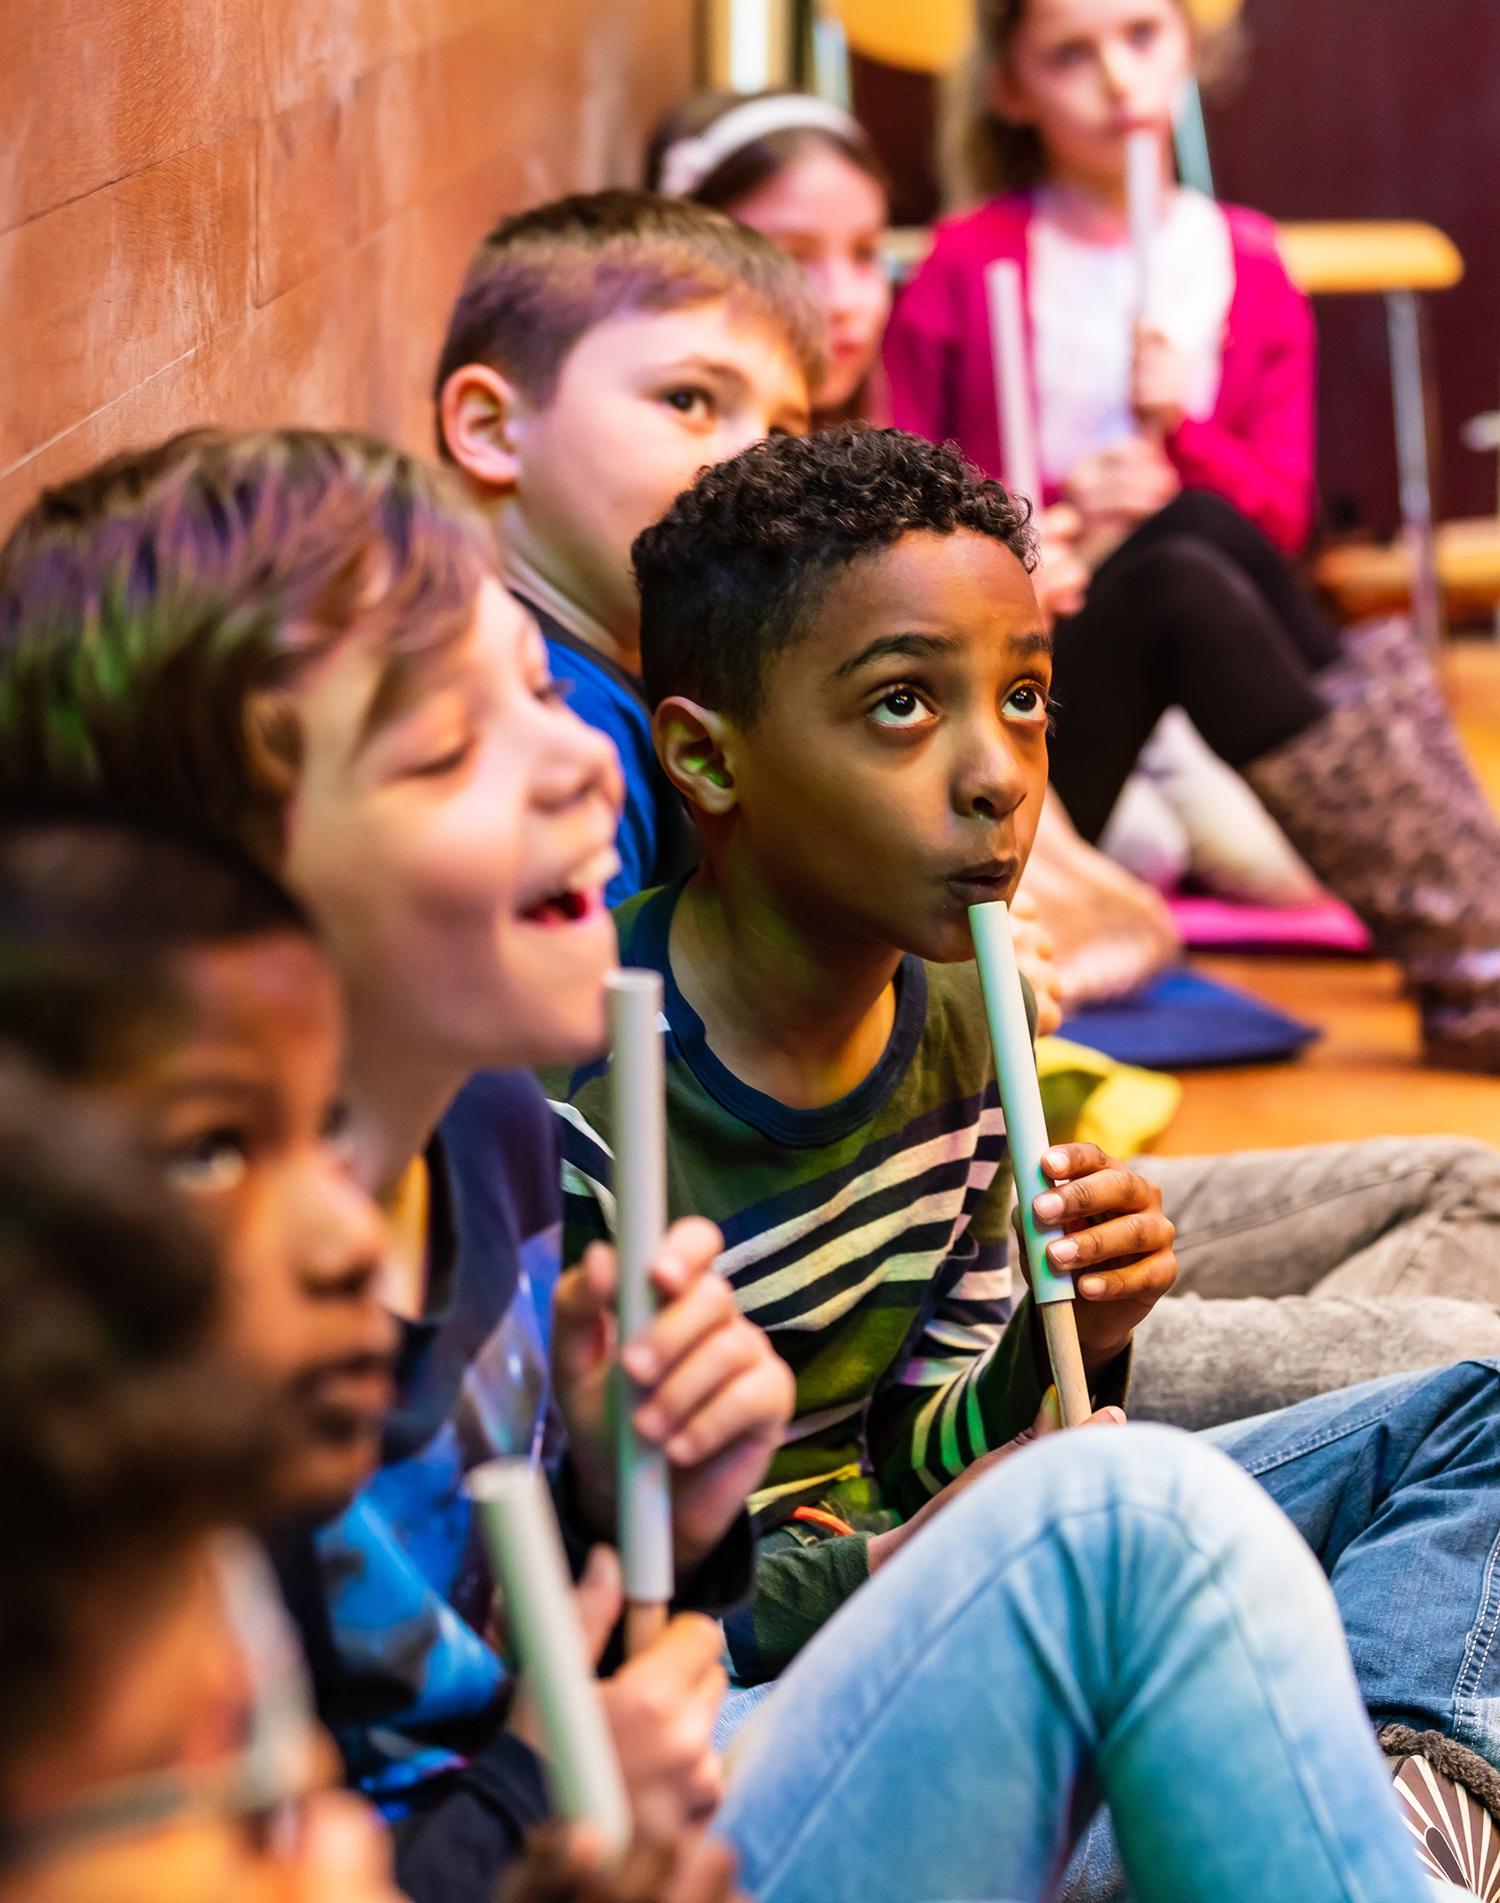 Luzerner Sinfonieorchester: ein neuer Ton, um Menschen für Musik zu begeistern